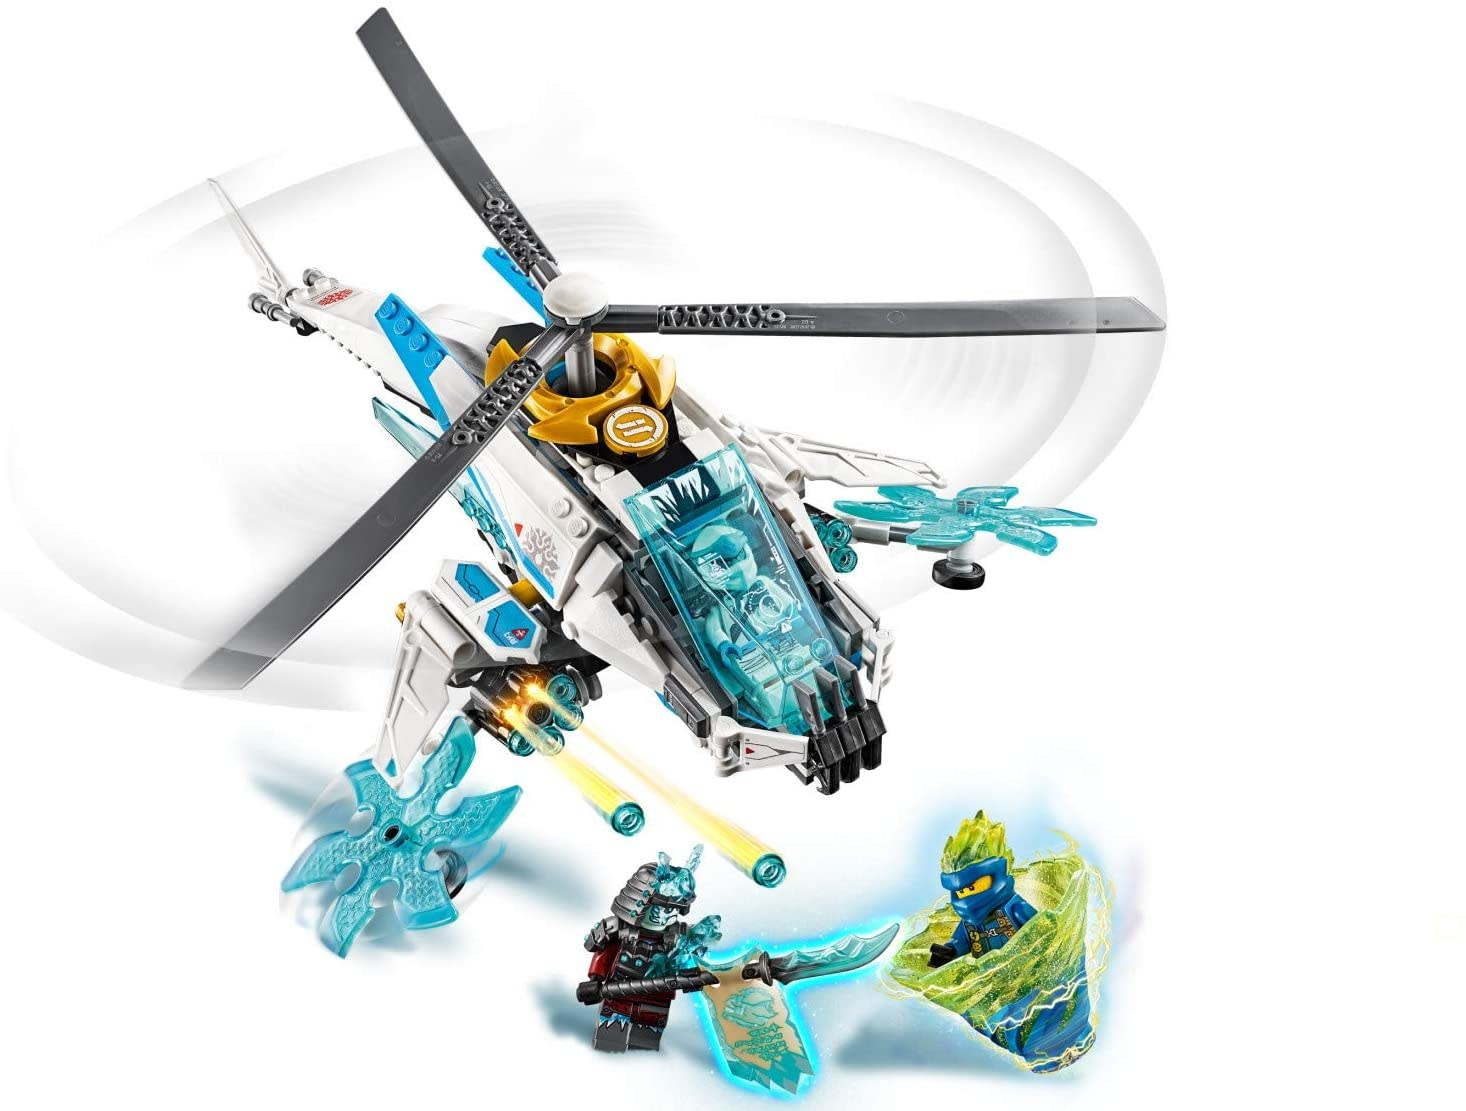 70673 ShuriCopter by LEGO Ninjago